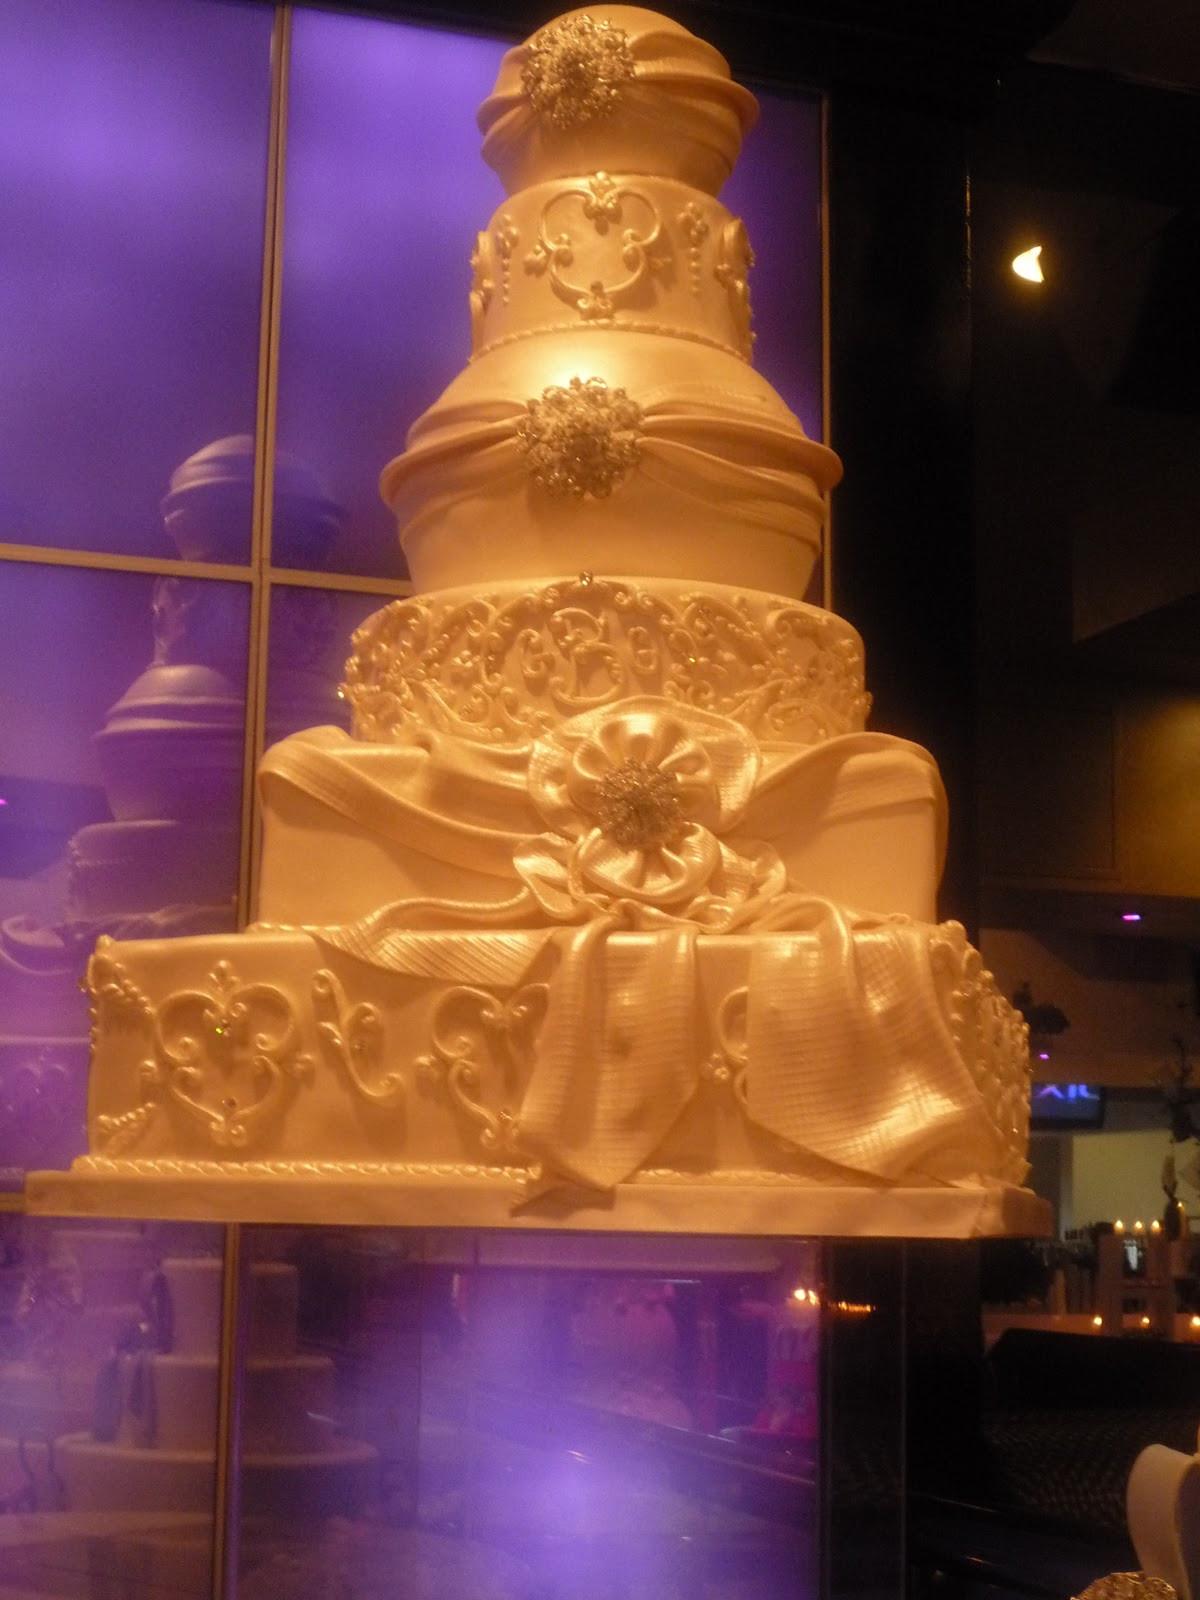 Heb Wedding Cakes Prices  Heb wedding cakes idea in 2017